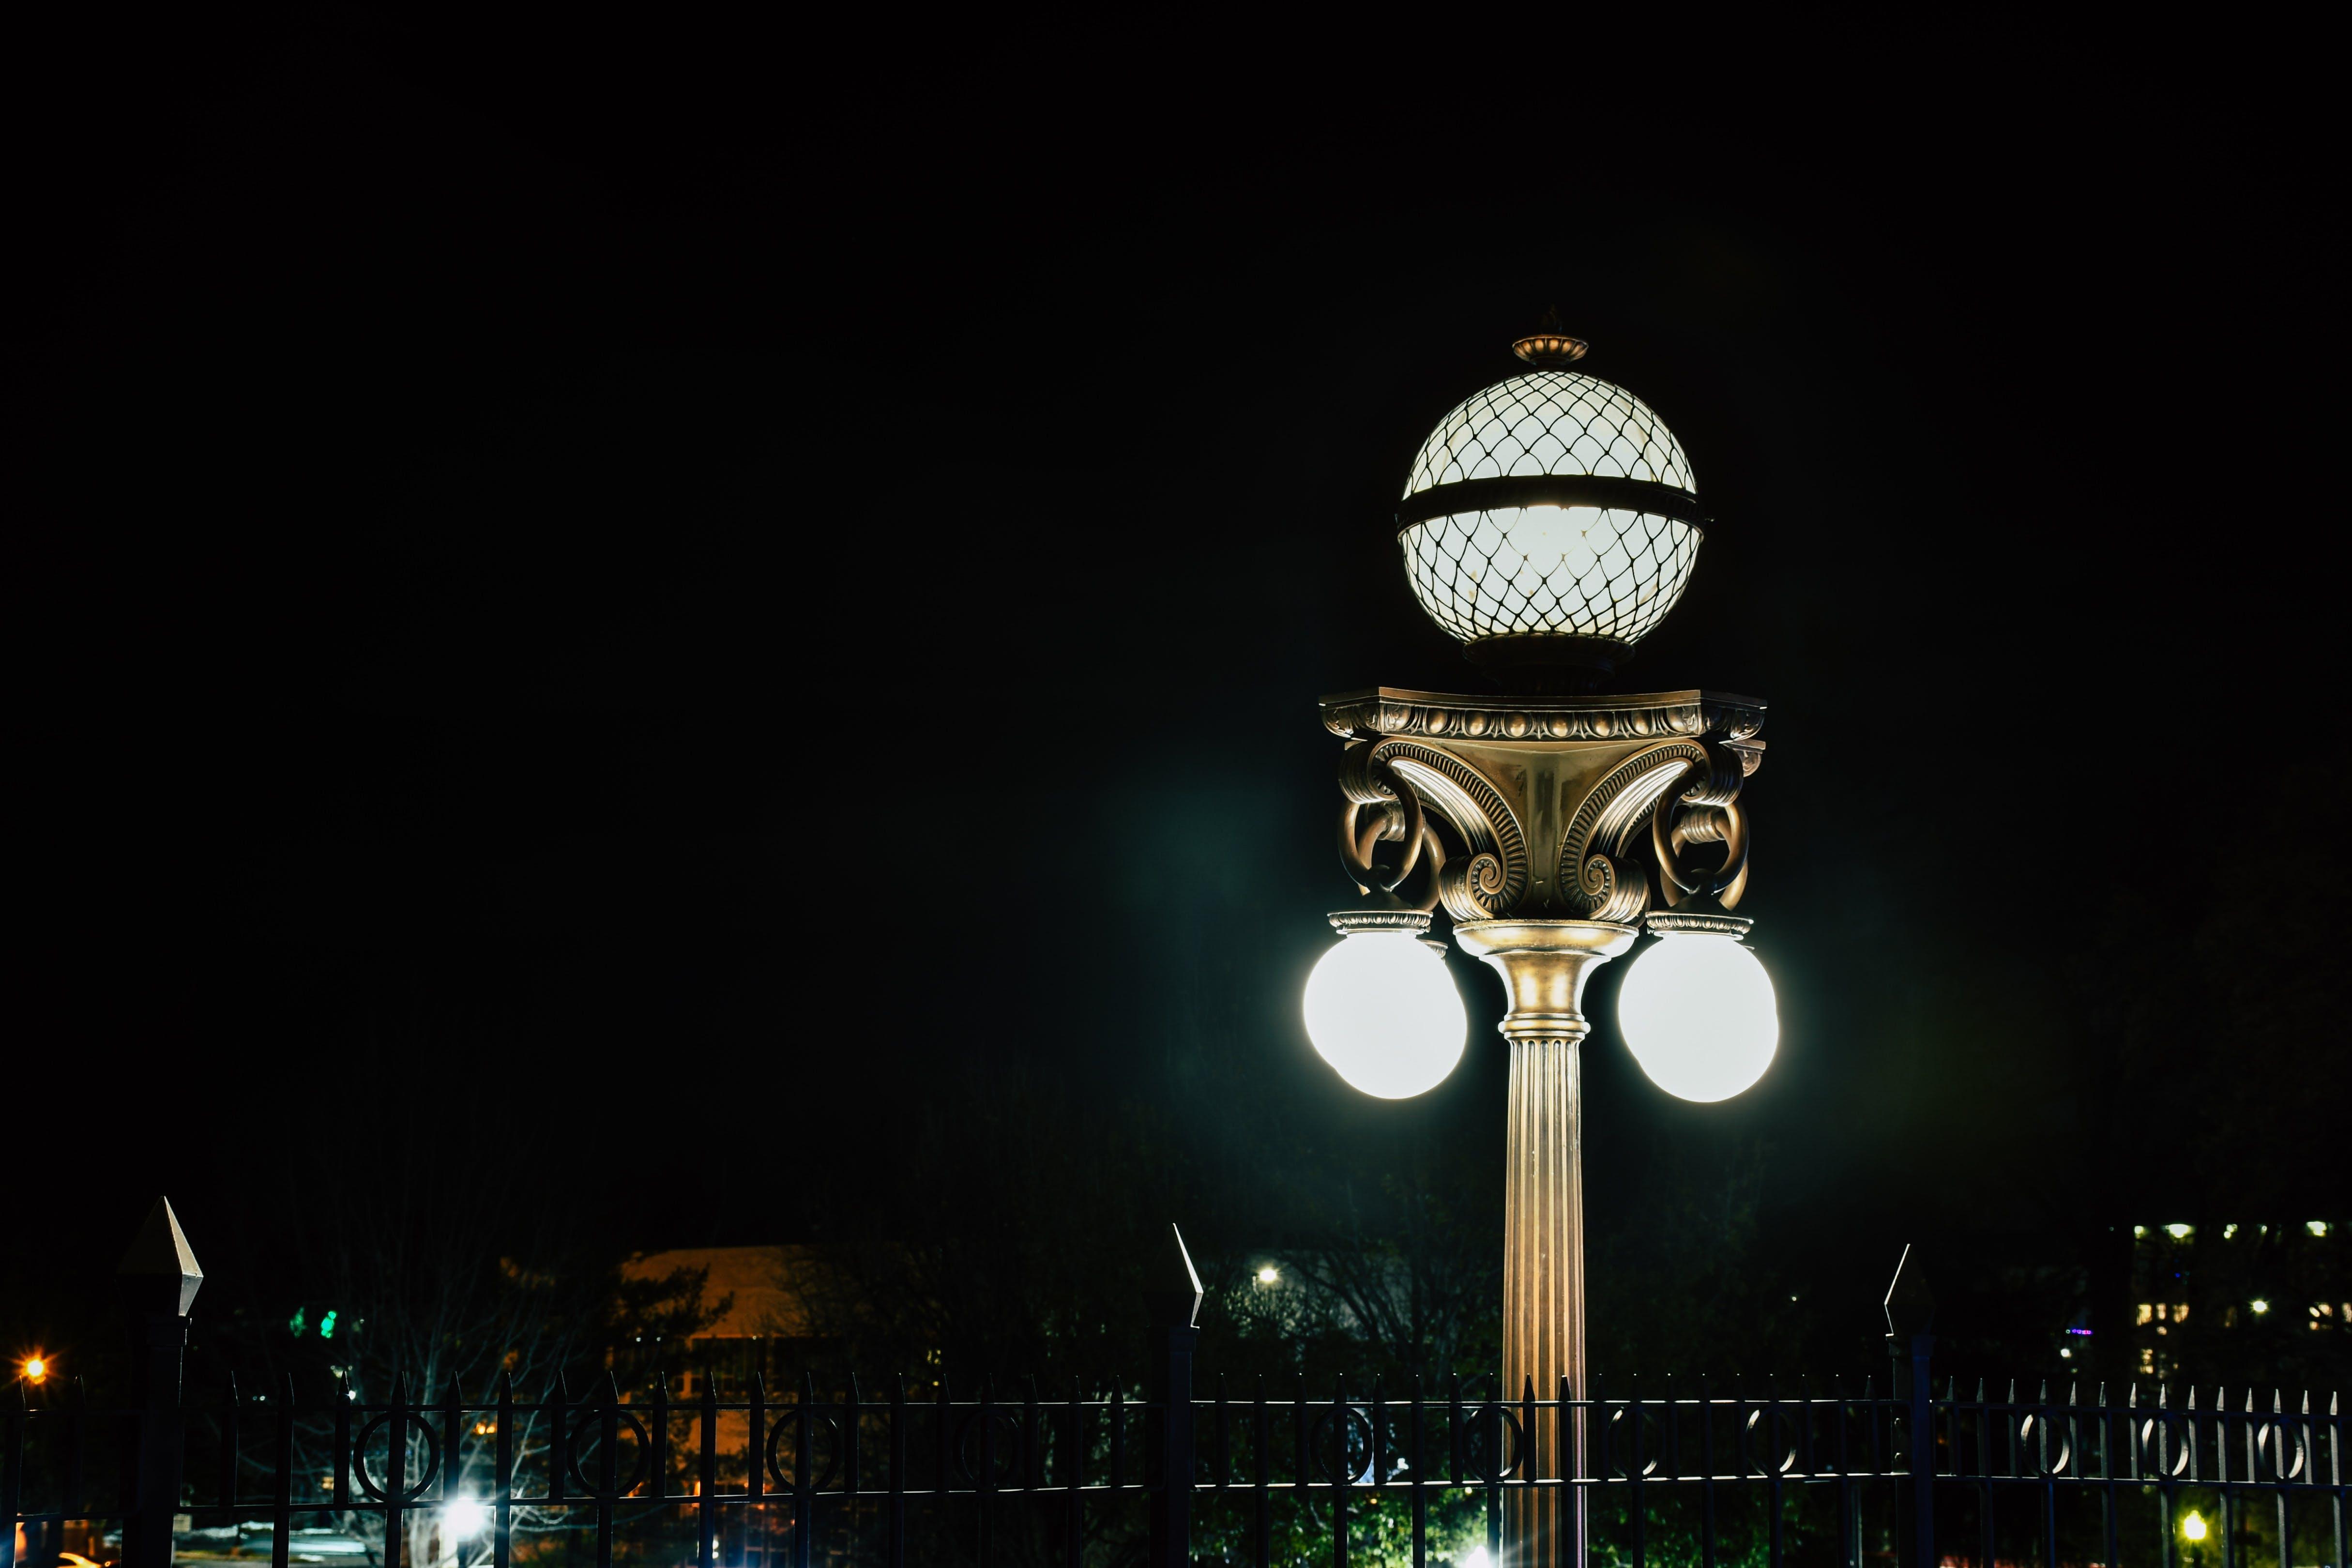 가로등, 경치, 도시의, 램프의 무료 스톡 사진